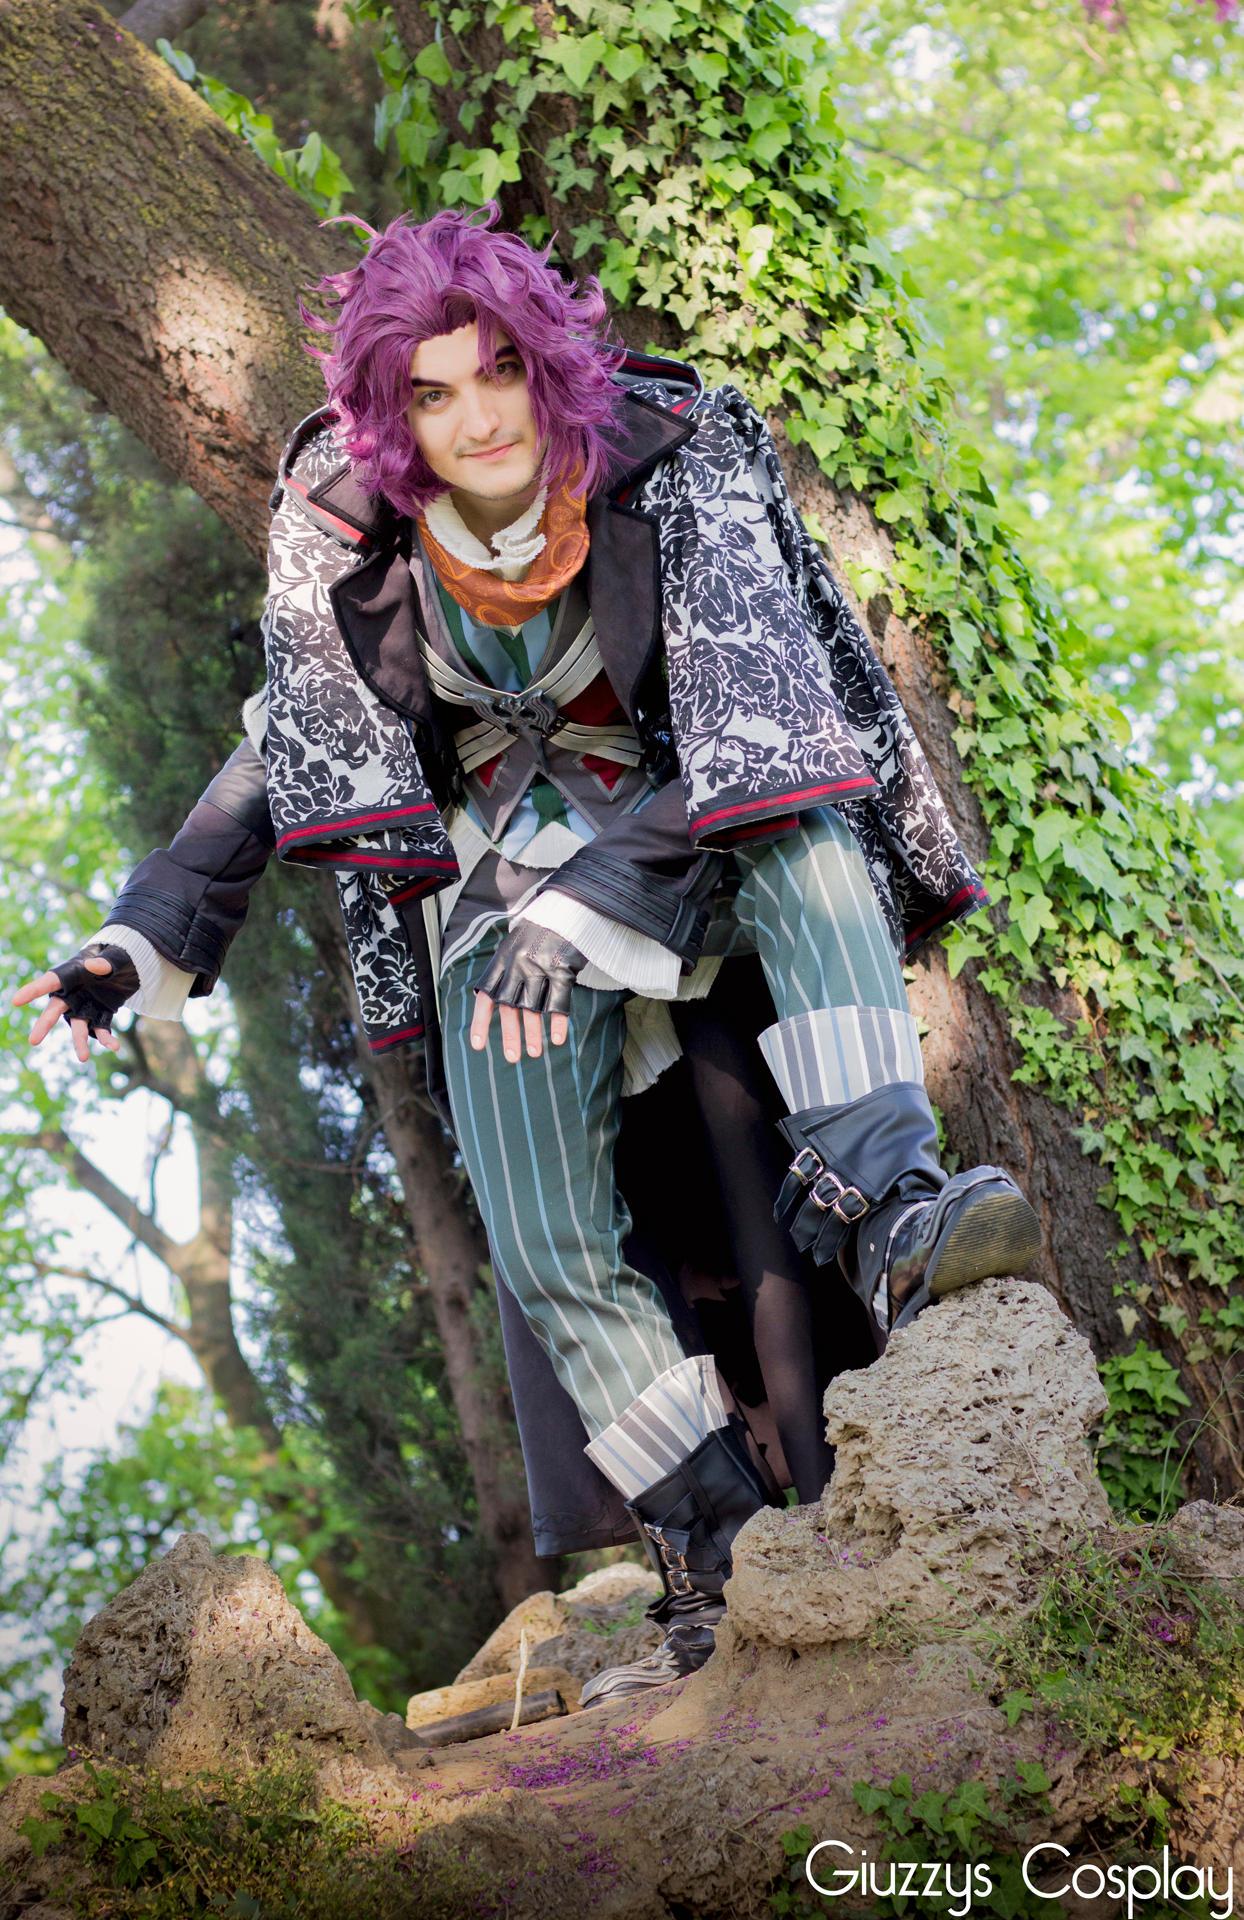 Ardyn Izunia Cosplay - Final Fantasy XV by Dorigatto